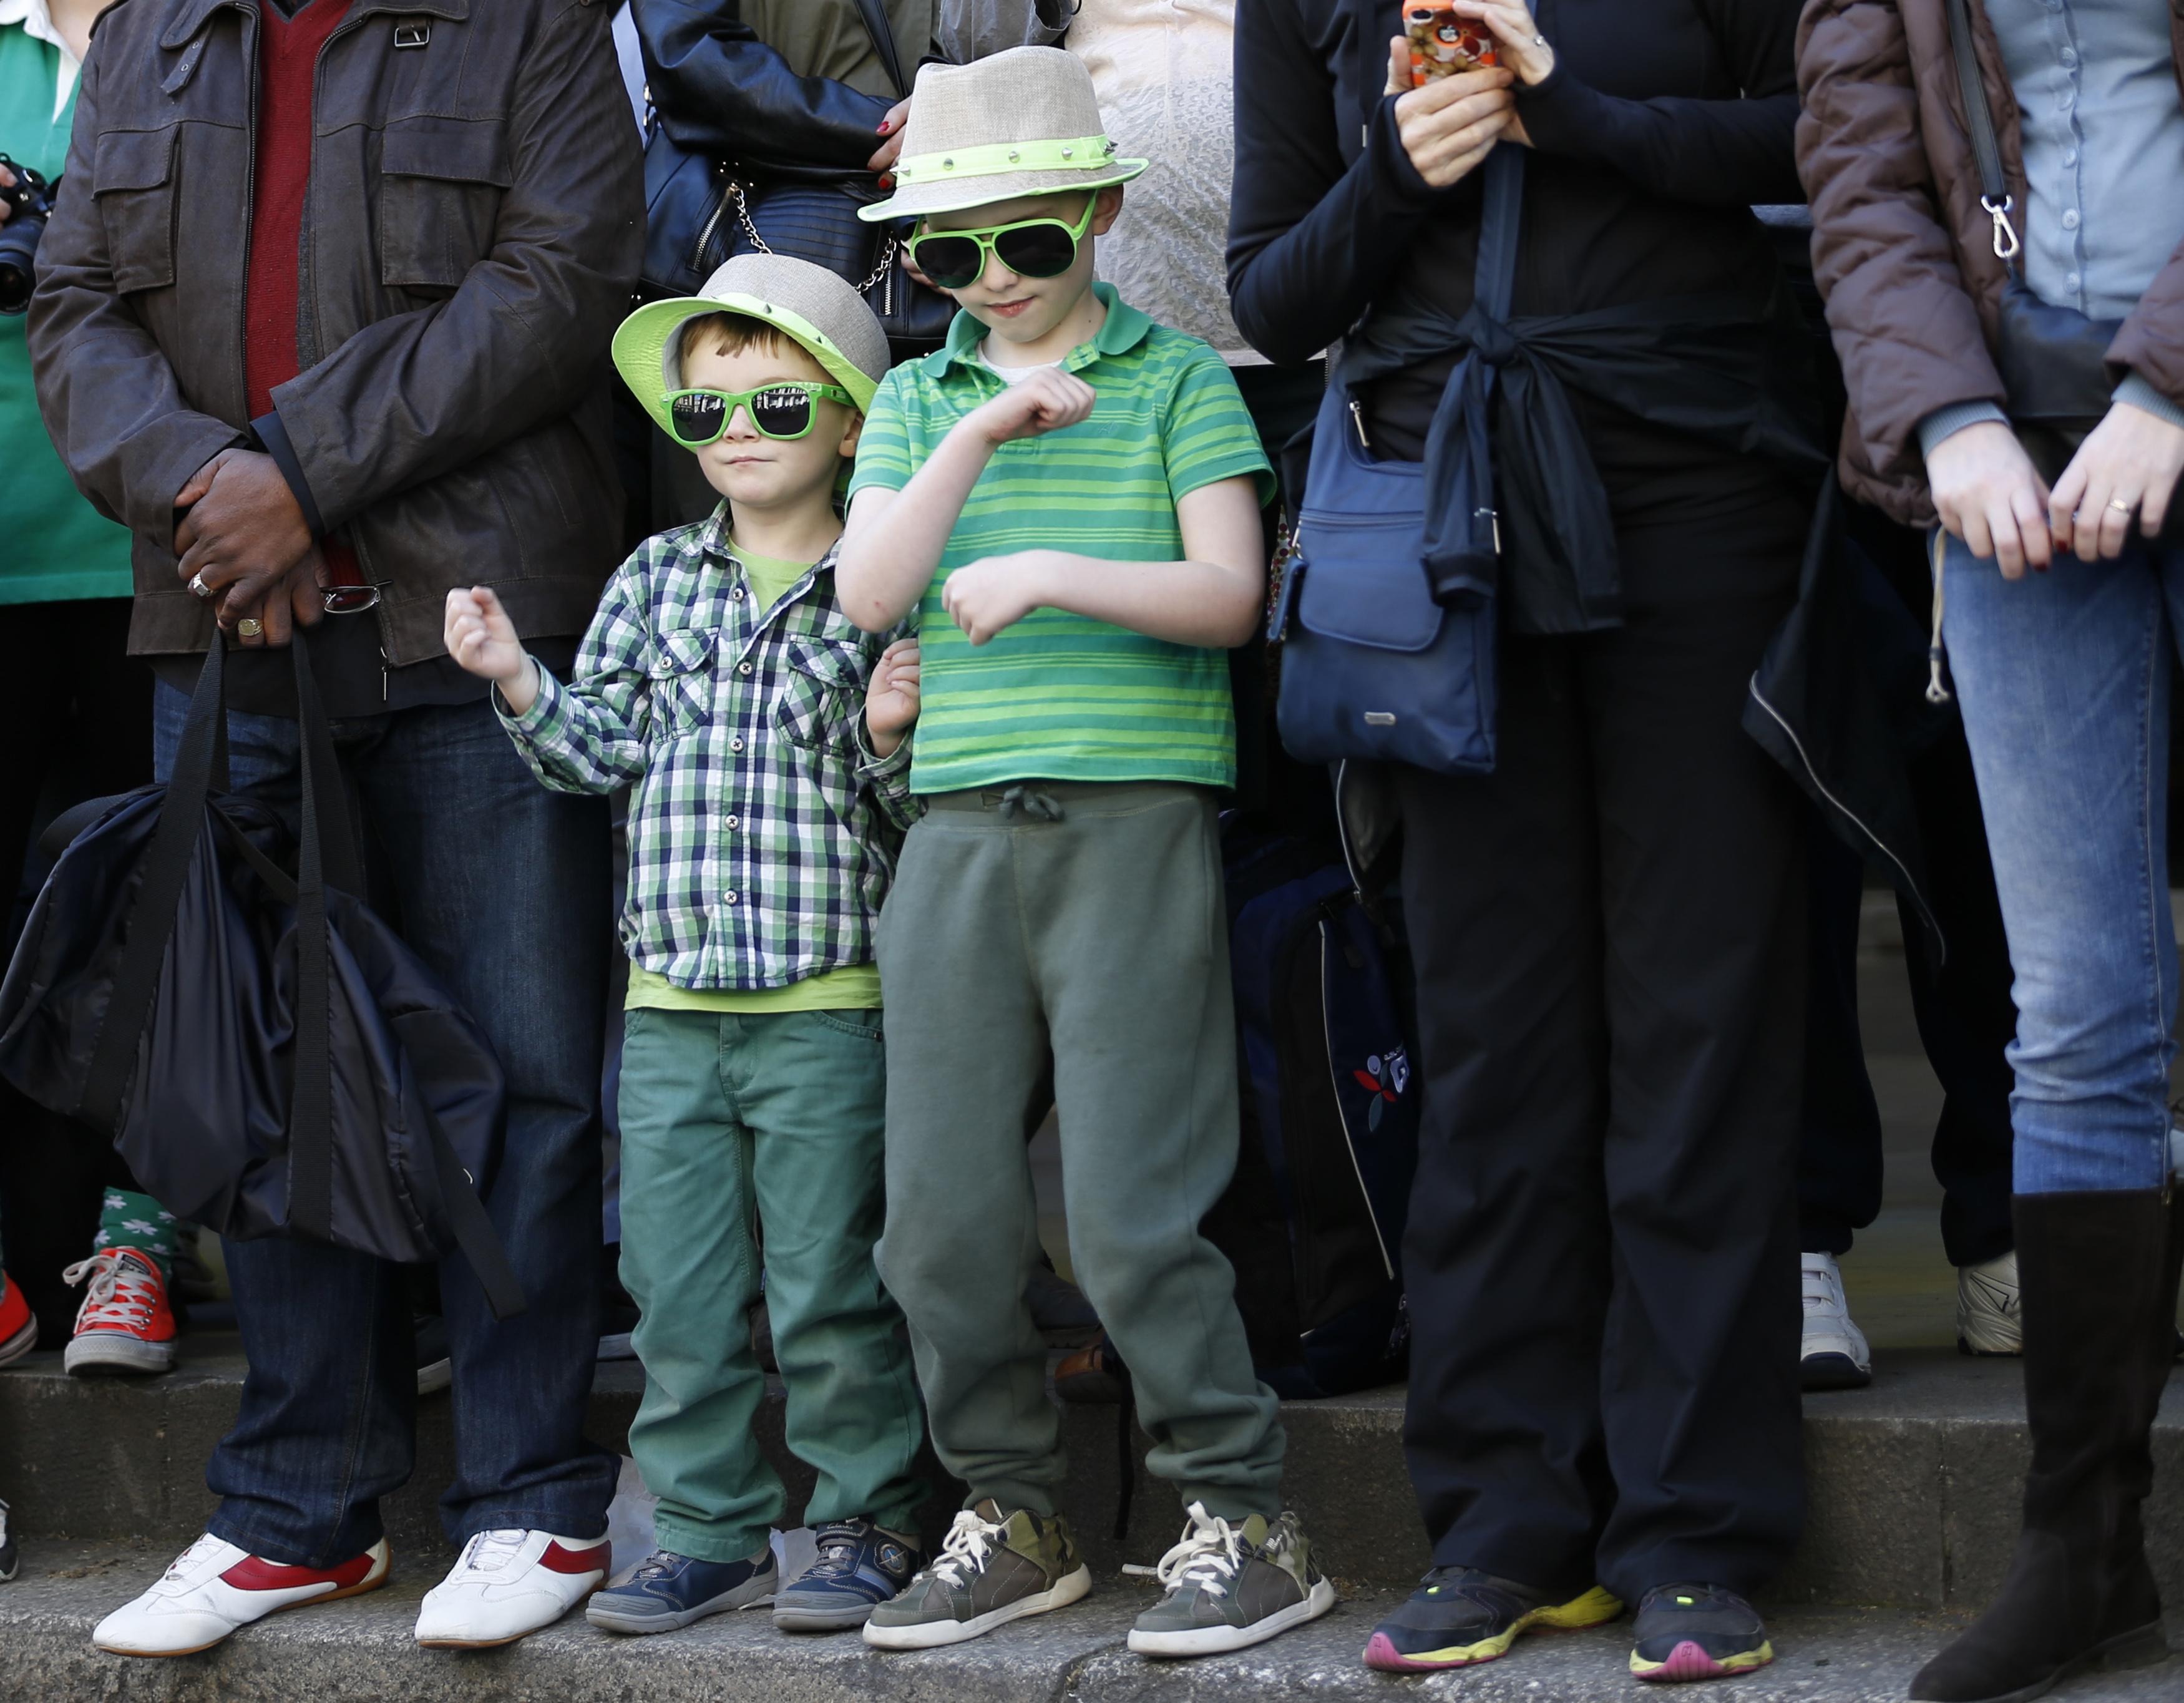 Público participa da parada pelo Dia de São Patrício, em Londres, na Inglaterra | Olivia Harris /Reuters